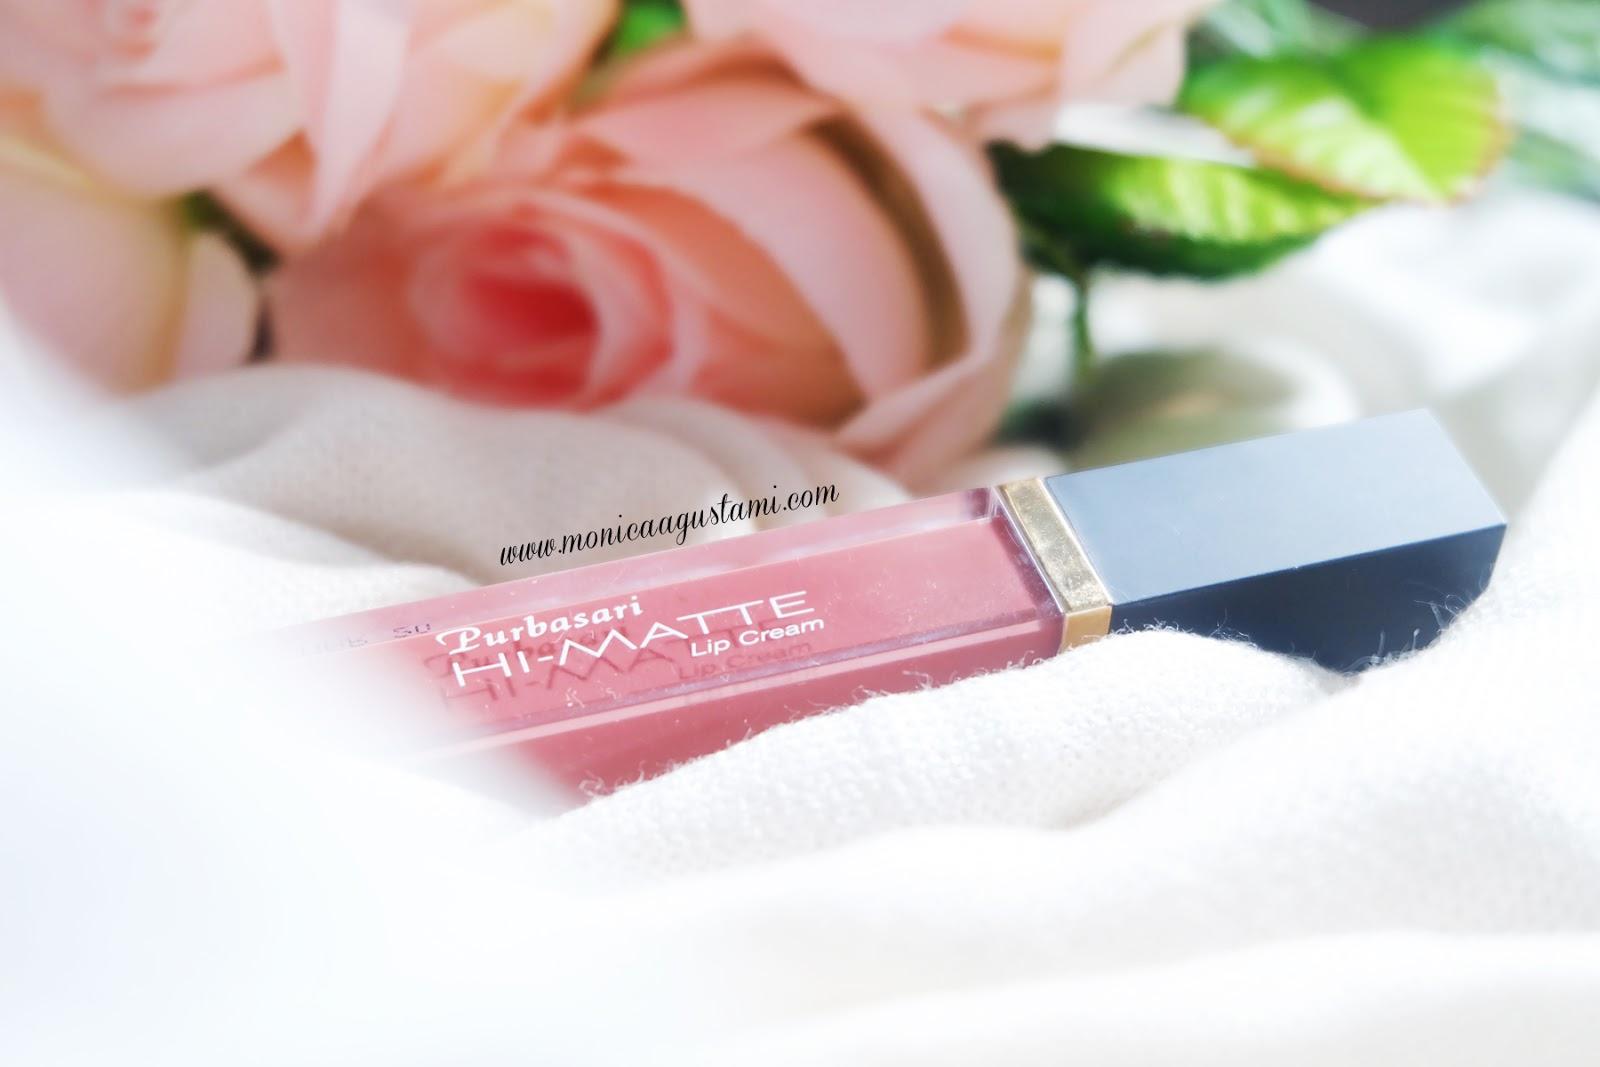 Monica Agustami Review Apakah Purbasari Hi Matte Lip Cream